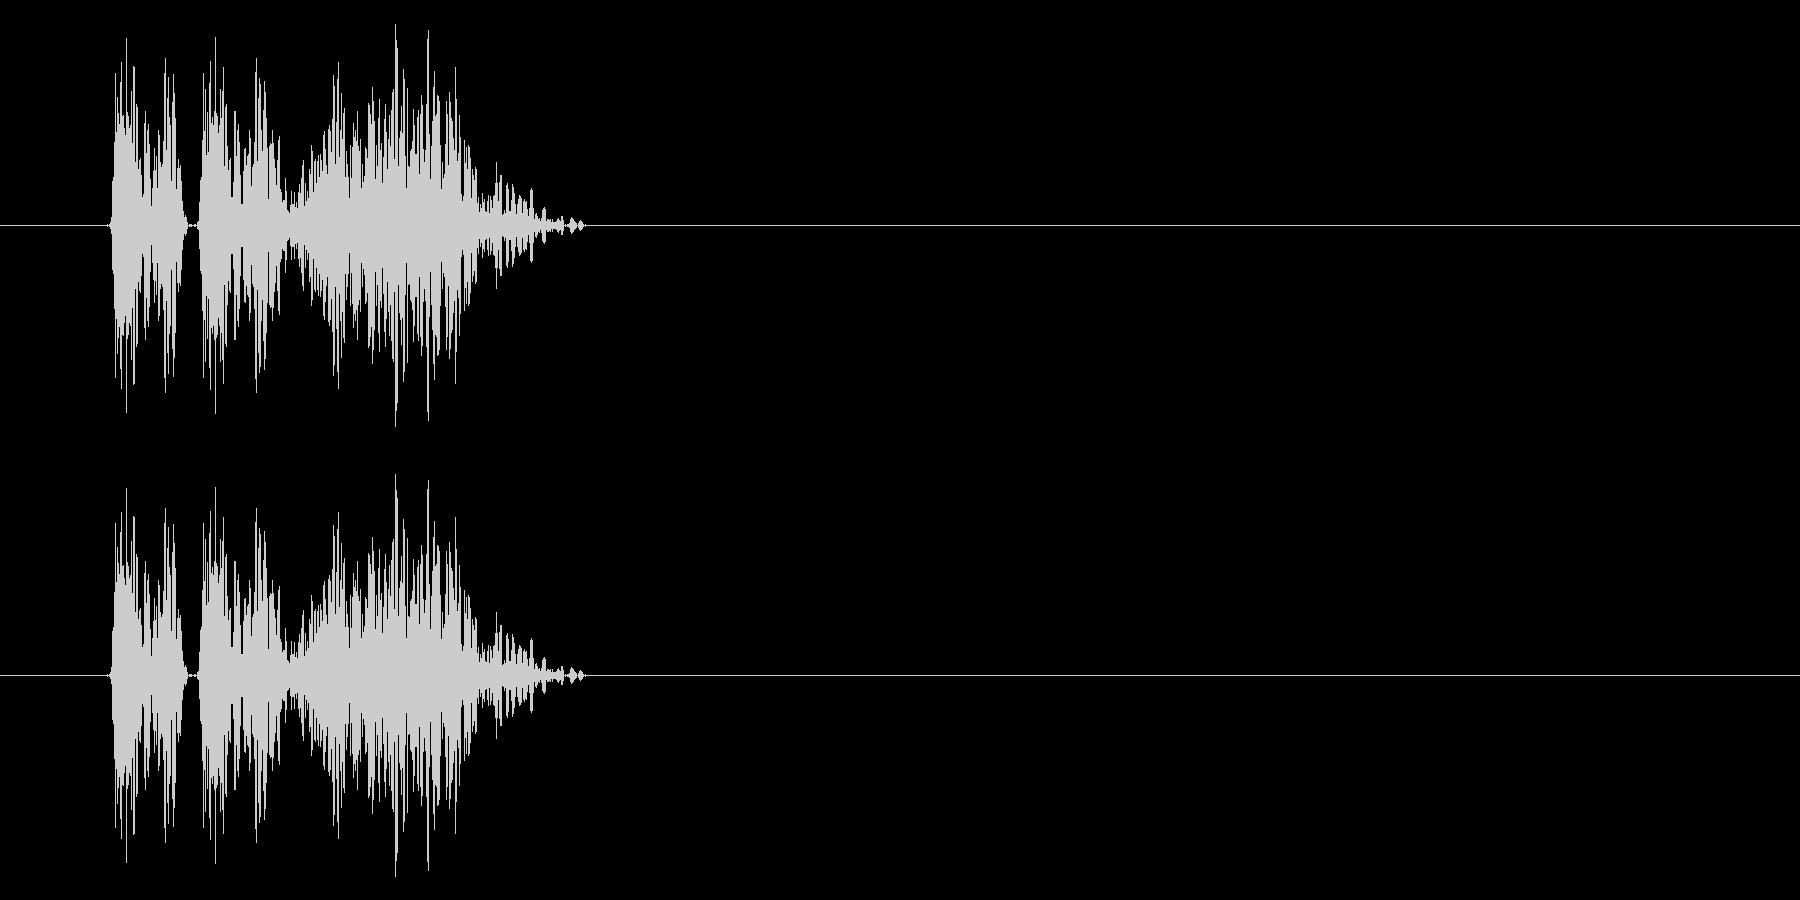 GEN-格闘01-06(ヒット)の未再生の波形